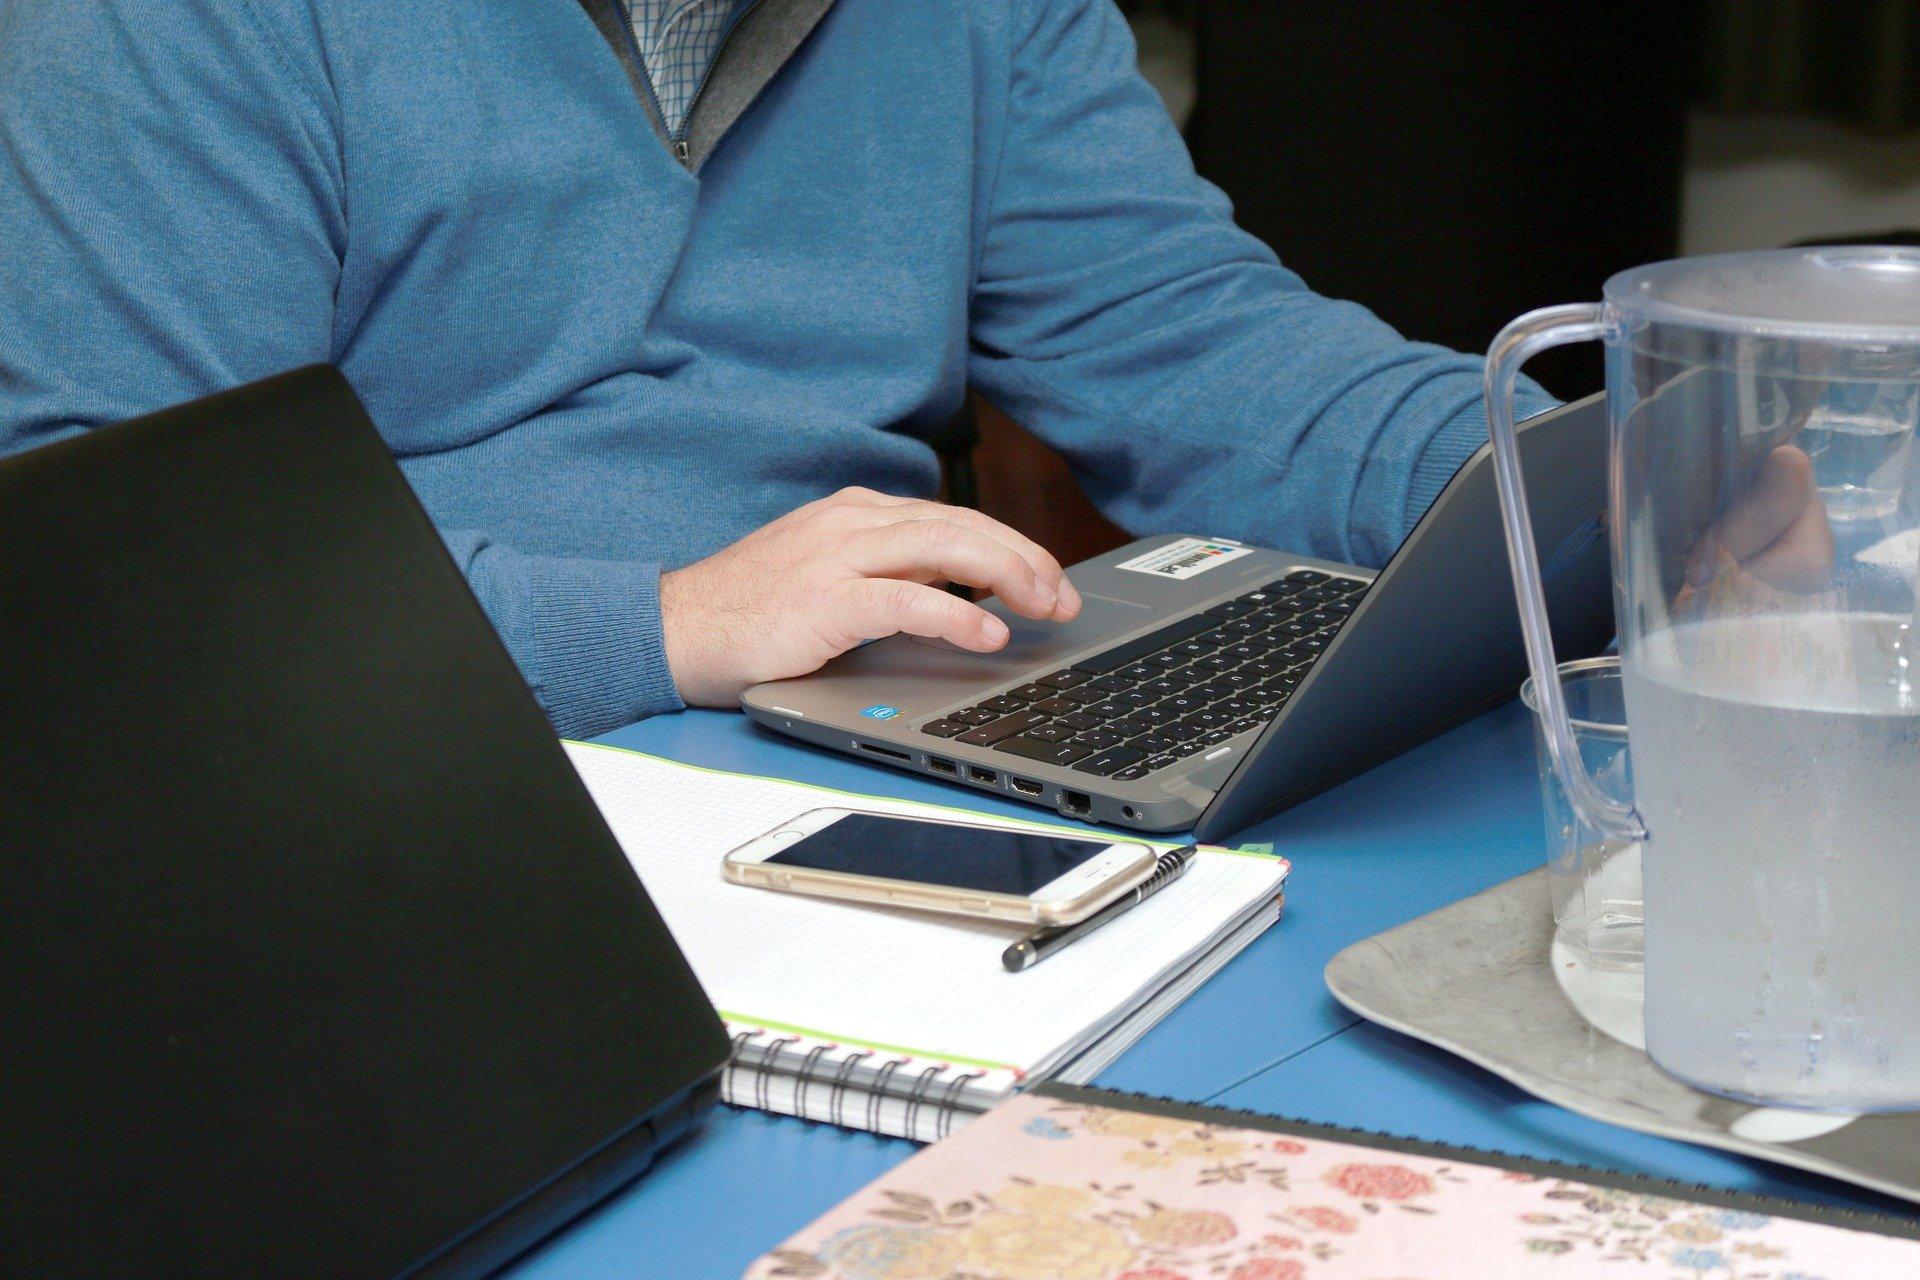 Los desafíos en ciberseguridad del trabajo remoto